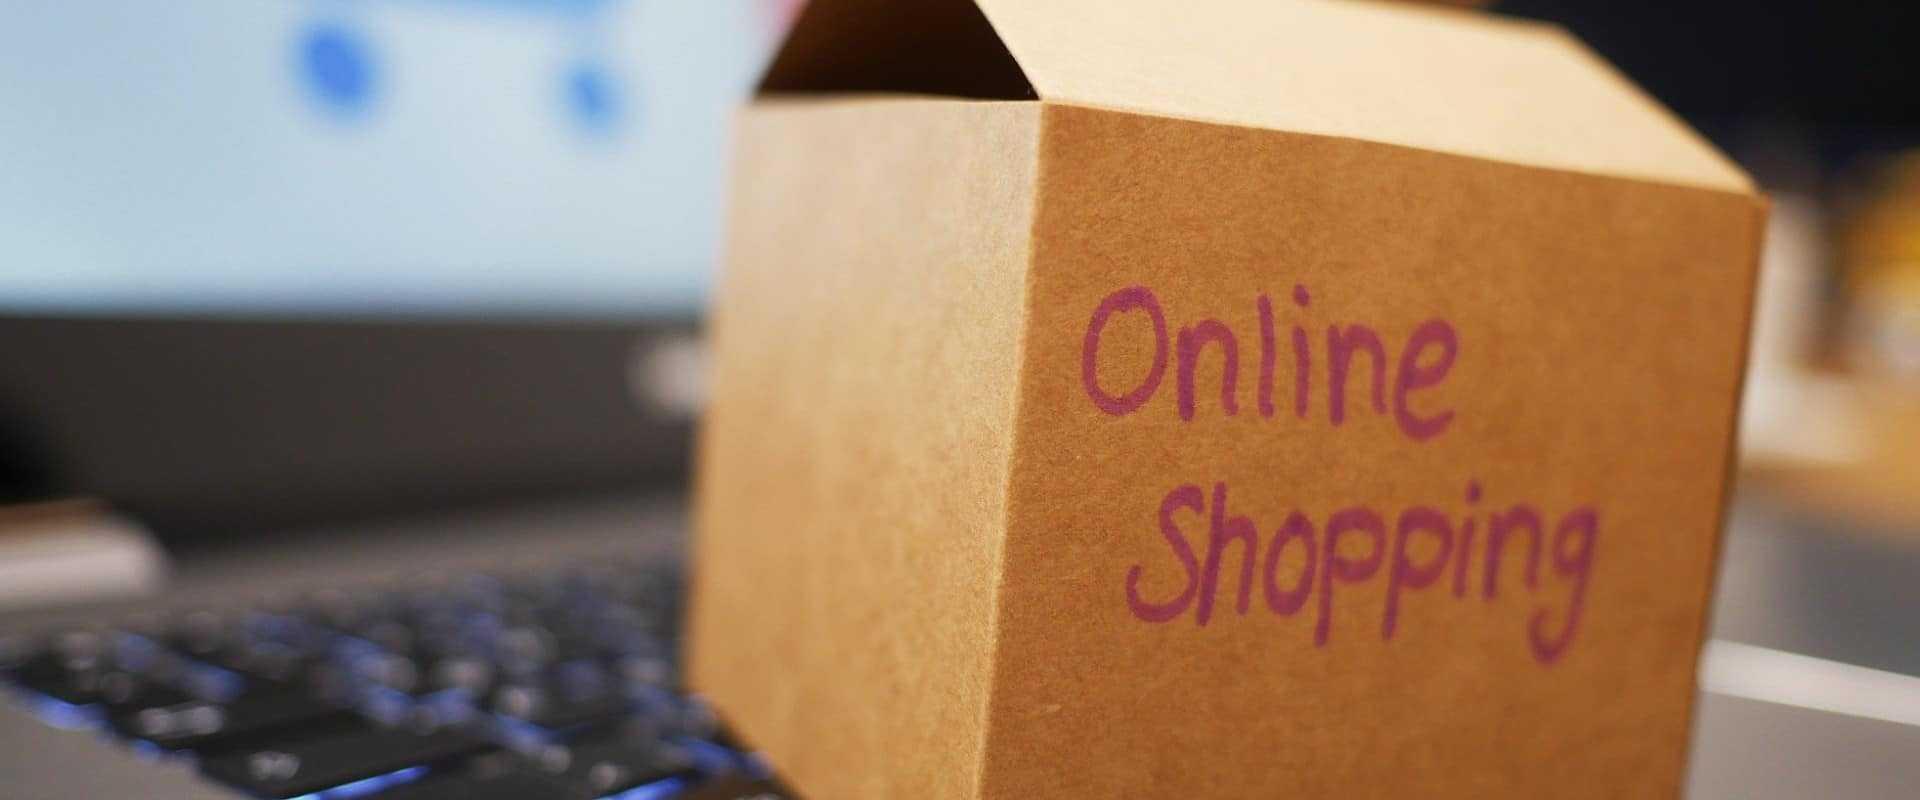 COSYS Softwarelösung für den Onlinehandel